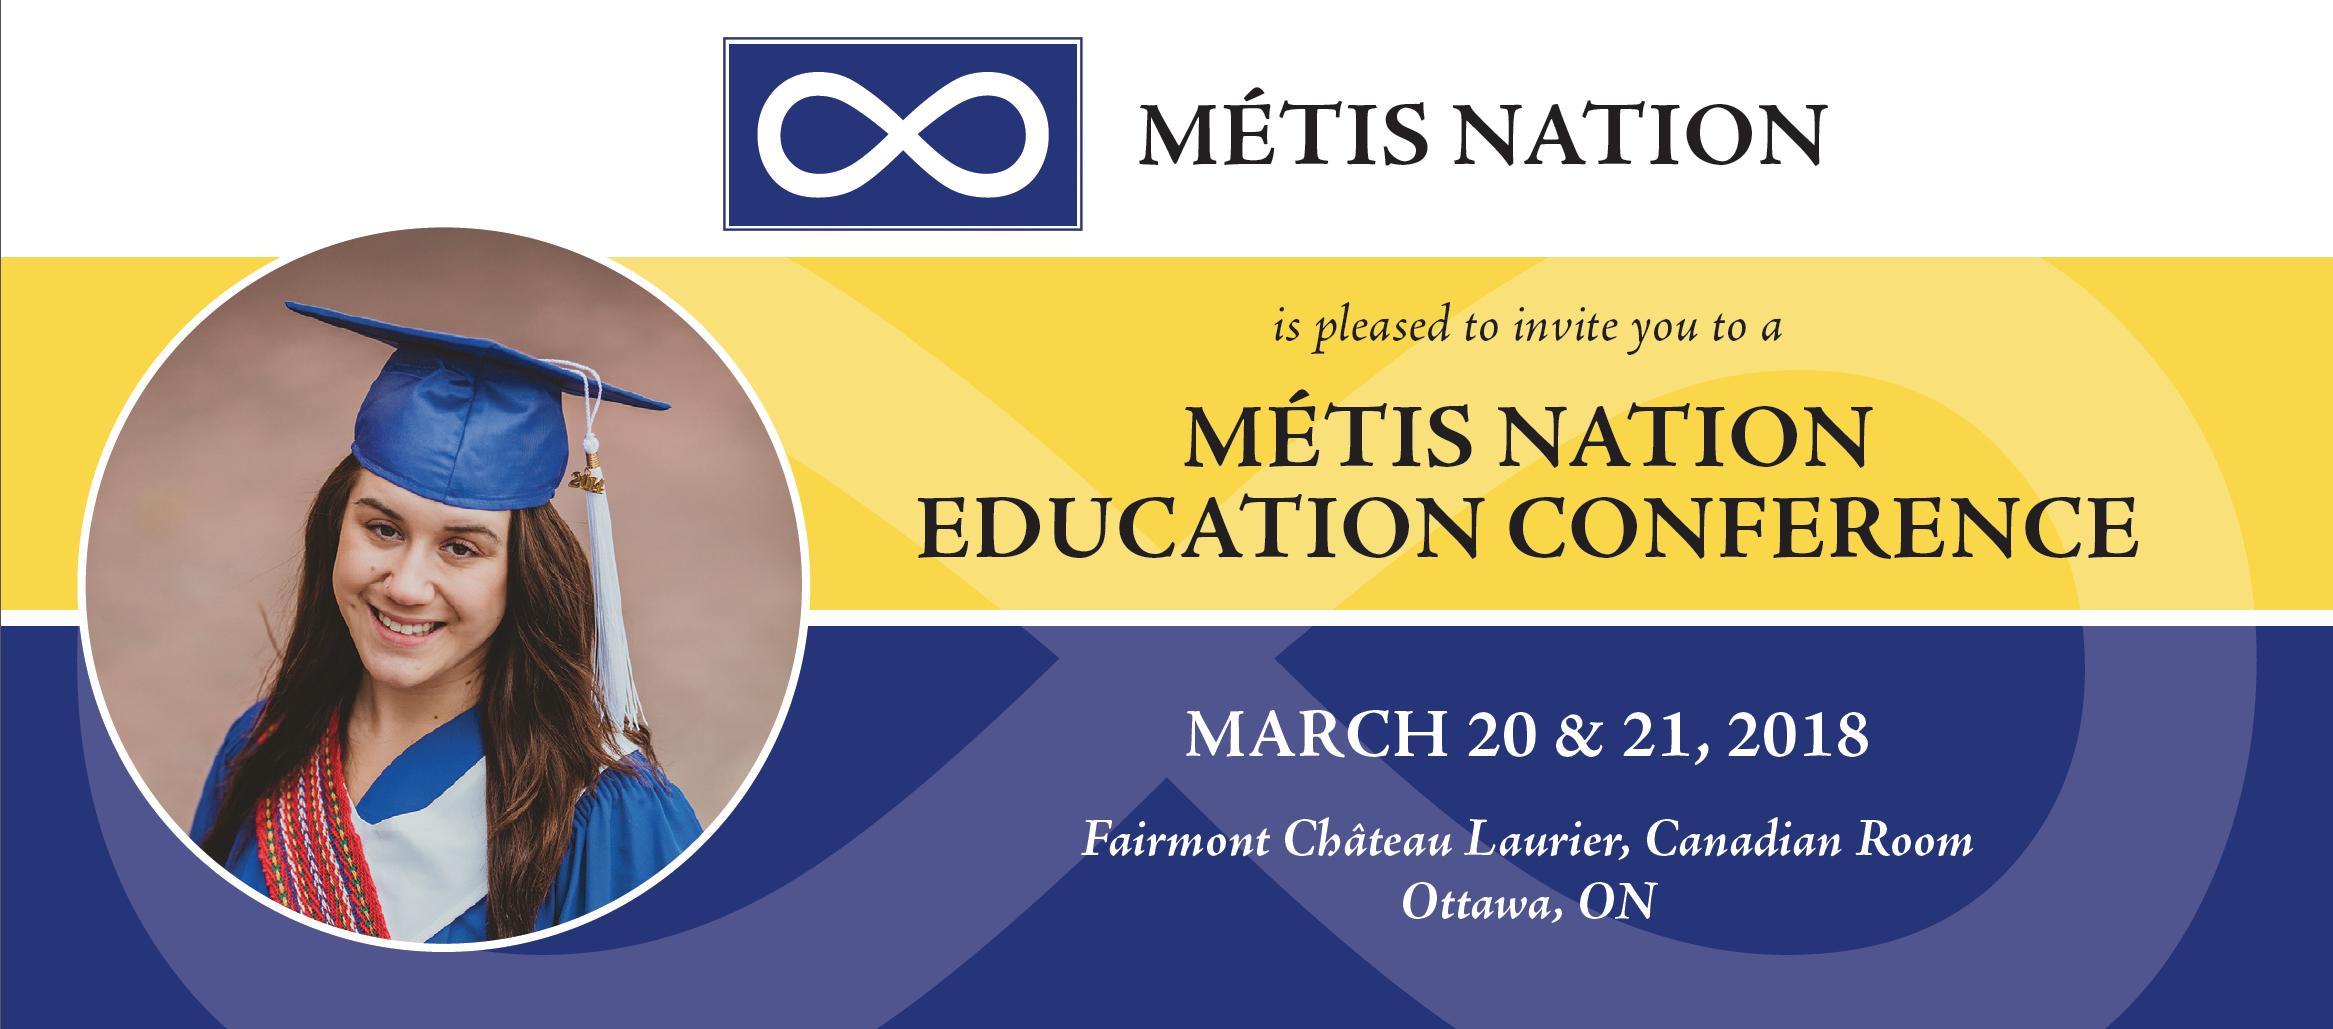 MÉTIS NATION EDUCATION CONFERENCE